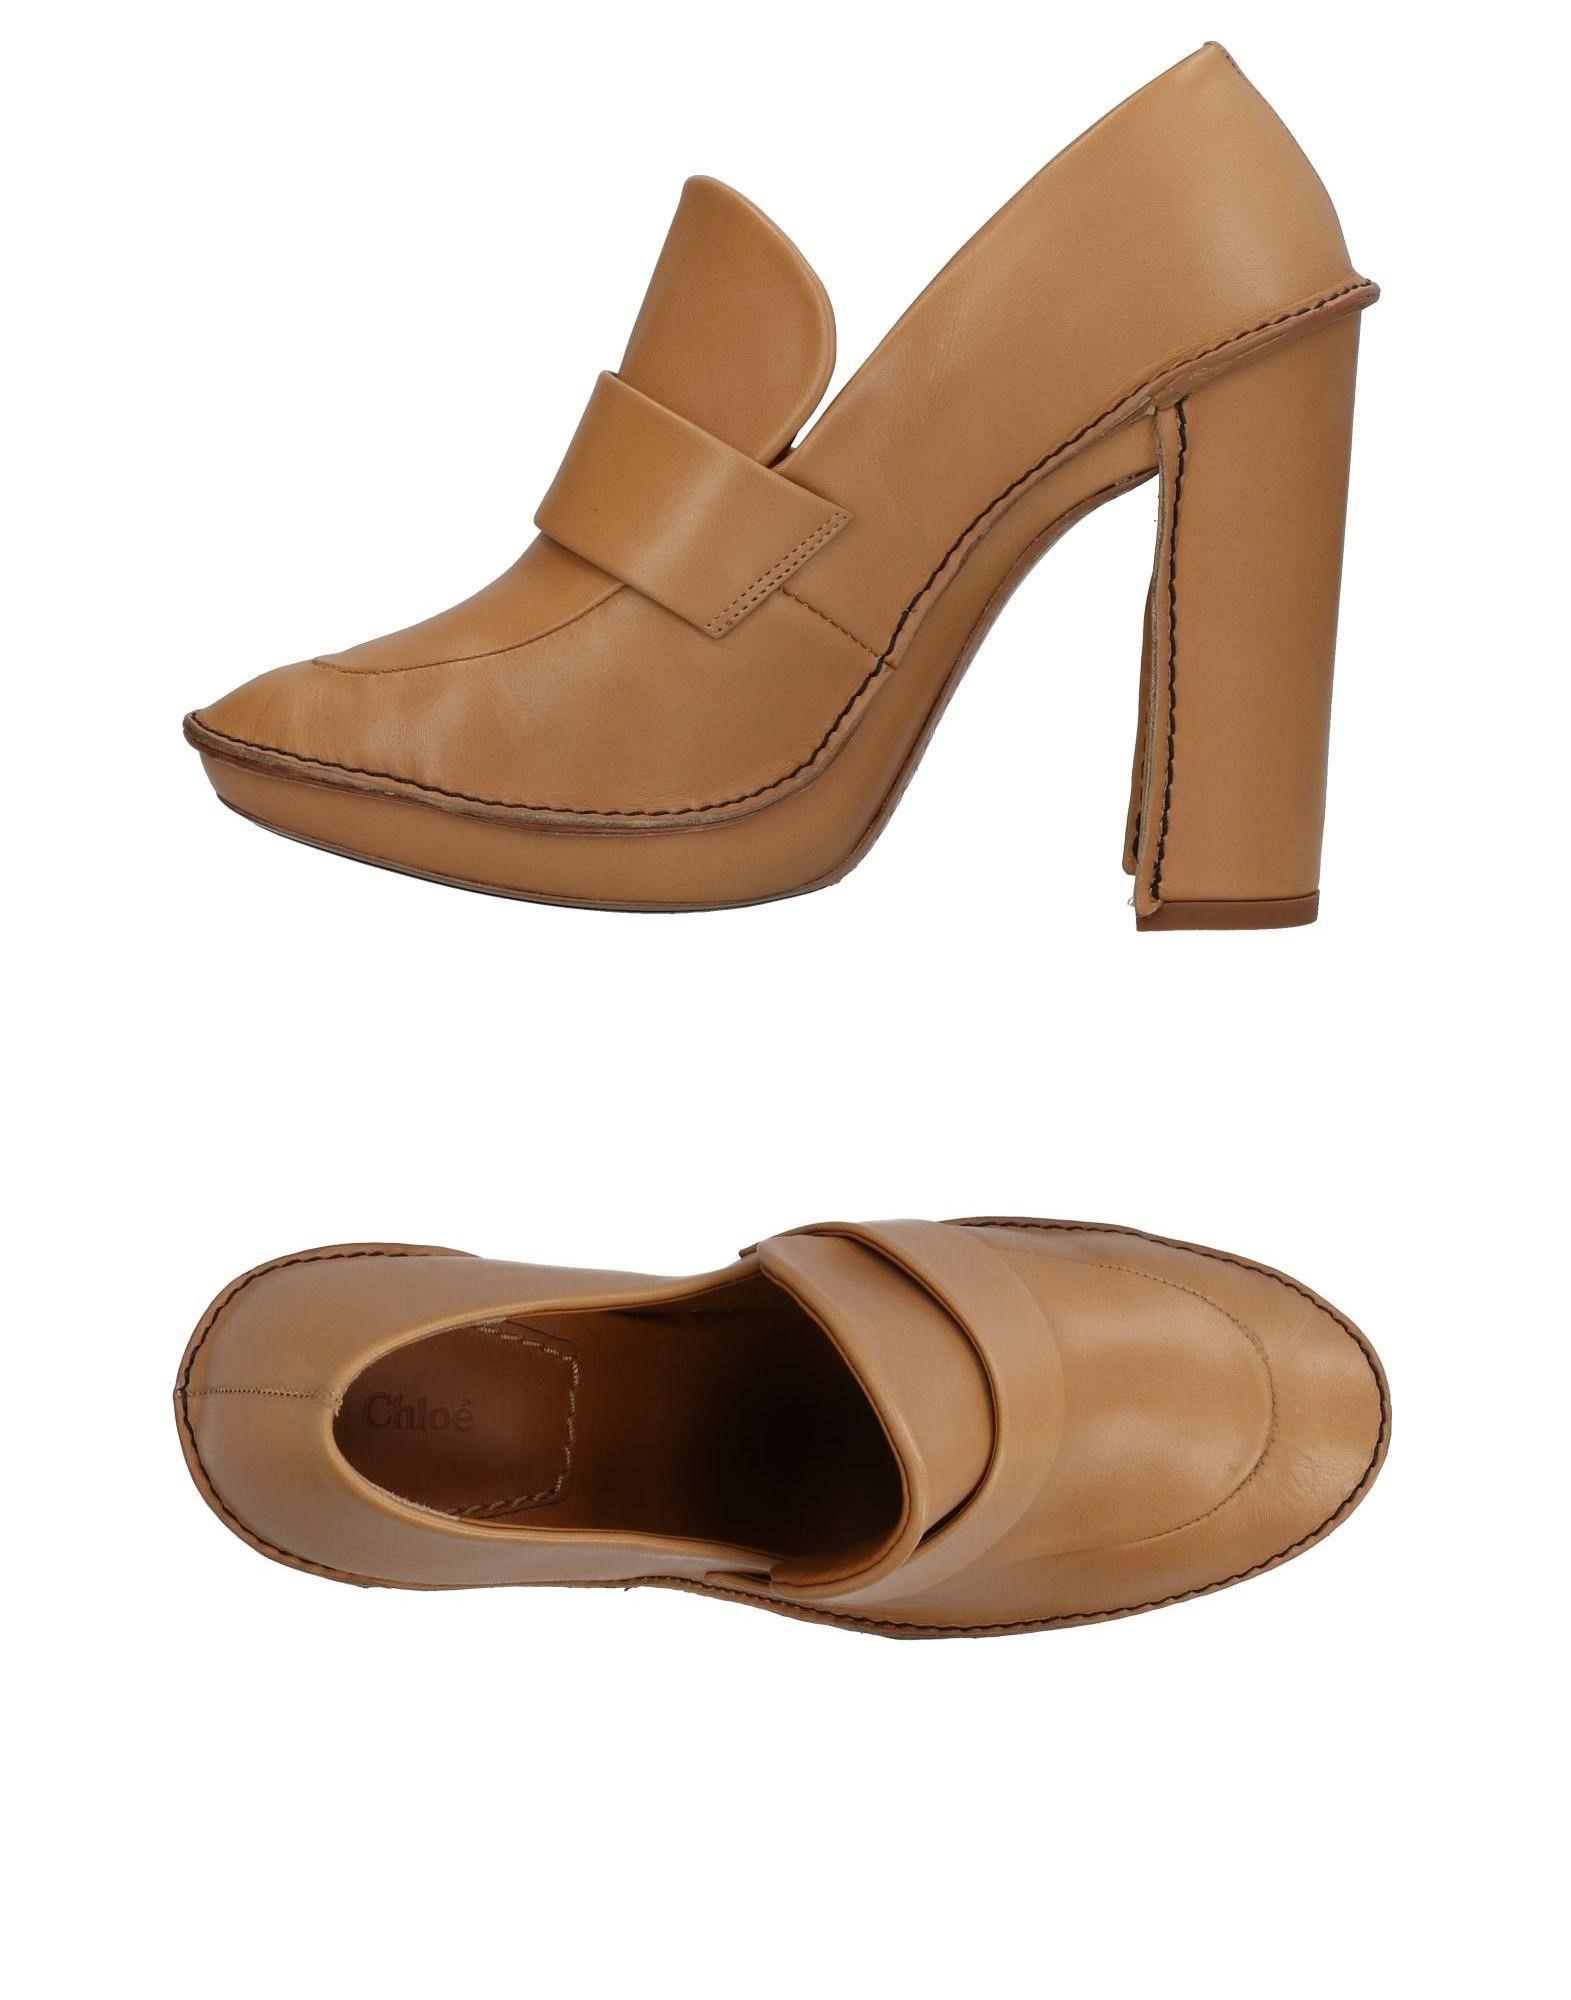 Chloé gut Mokassins Damen  11078577VWGünstige gut Chloé aussehende Schuhe 7fe7a2